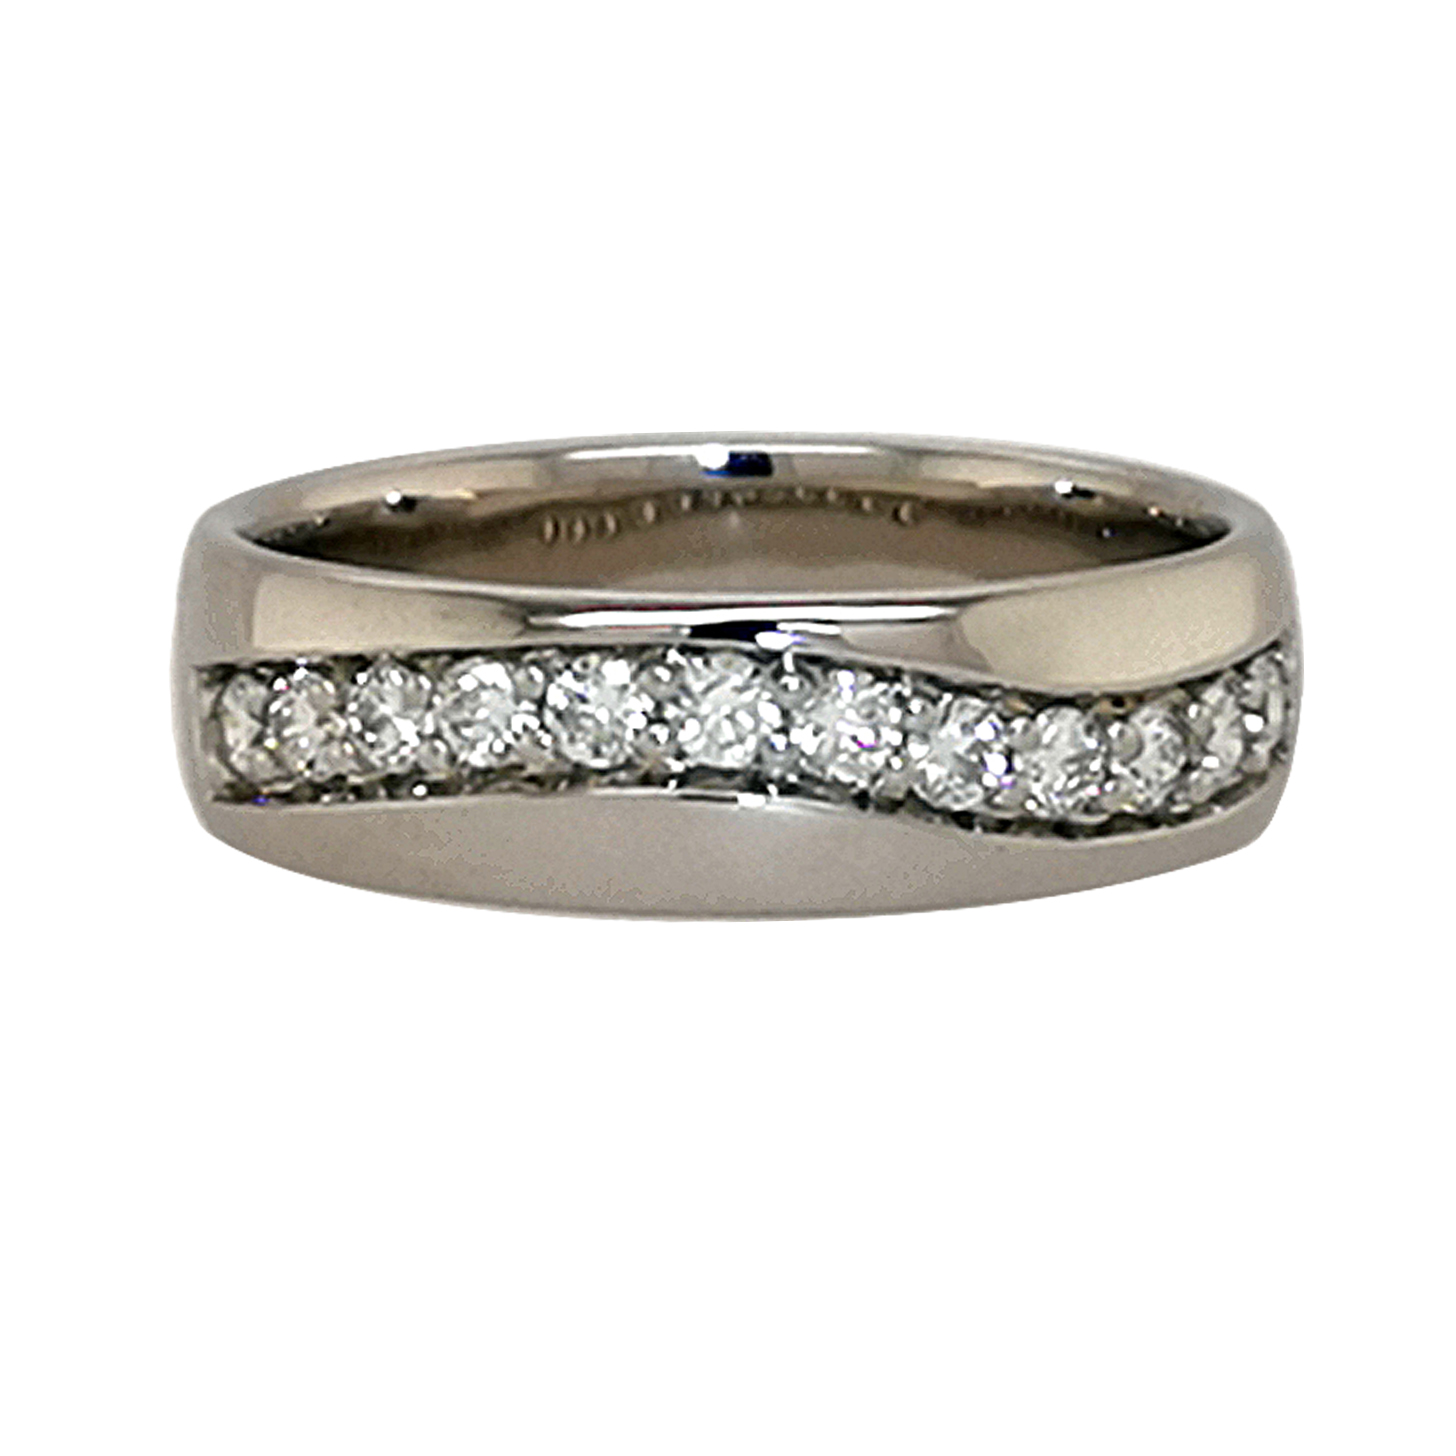 Brillantring aus 585 Weißgold mit 12 weißen Diamanten im Brillantschliff, total ca. 0,4 ct